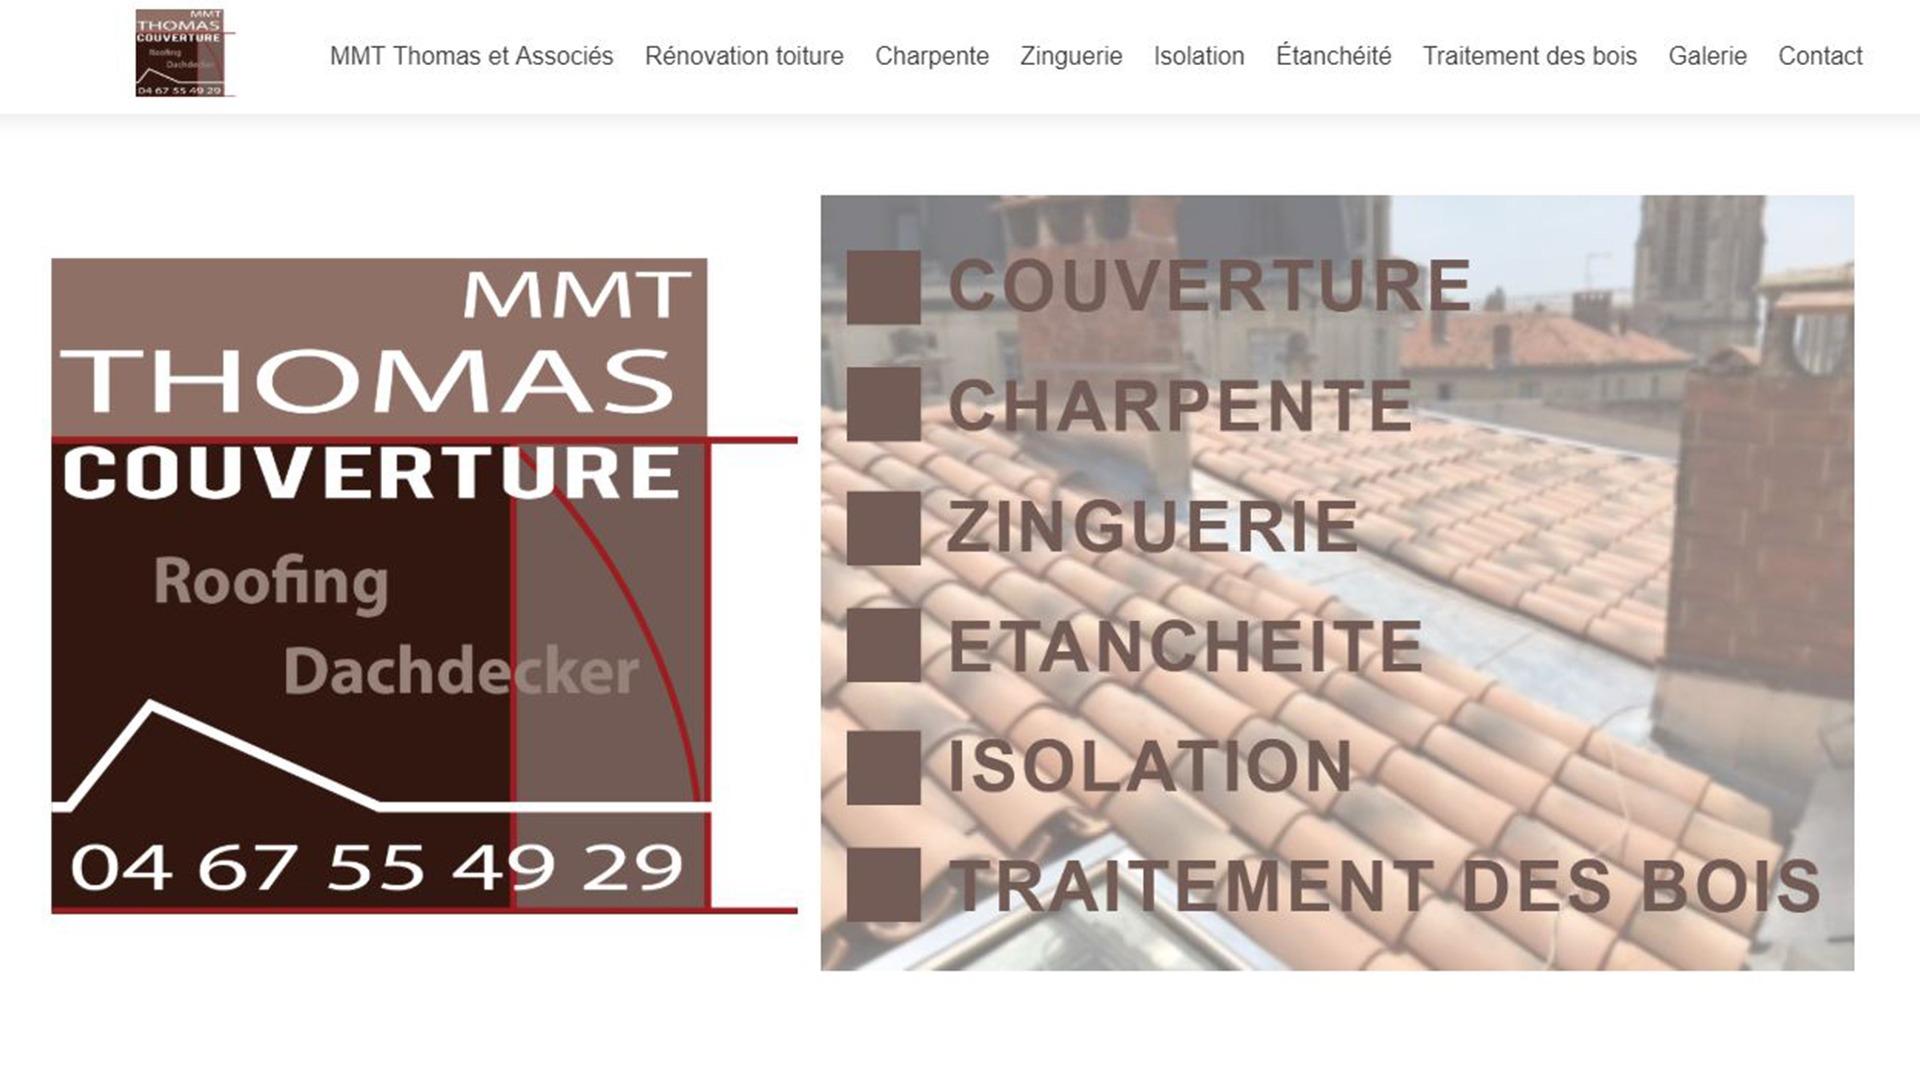 traiteur a Trets-traiteur mariage Aix-en-Provence-traiteur evenementiel Gardanne-livraison de repas en entreprise Aubagne-traiteur d'entreprise Trets